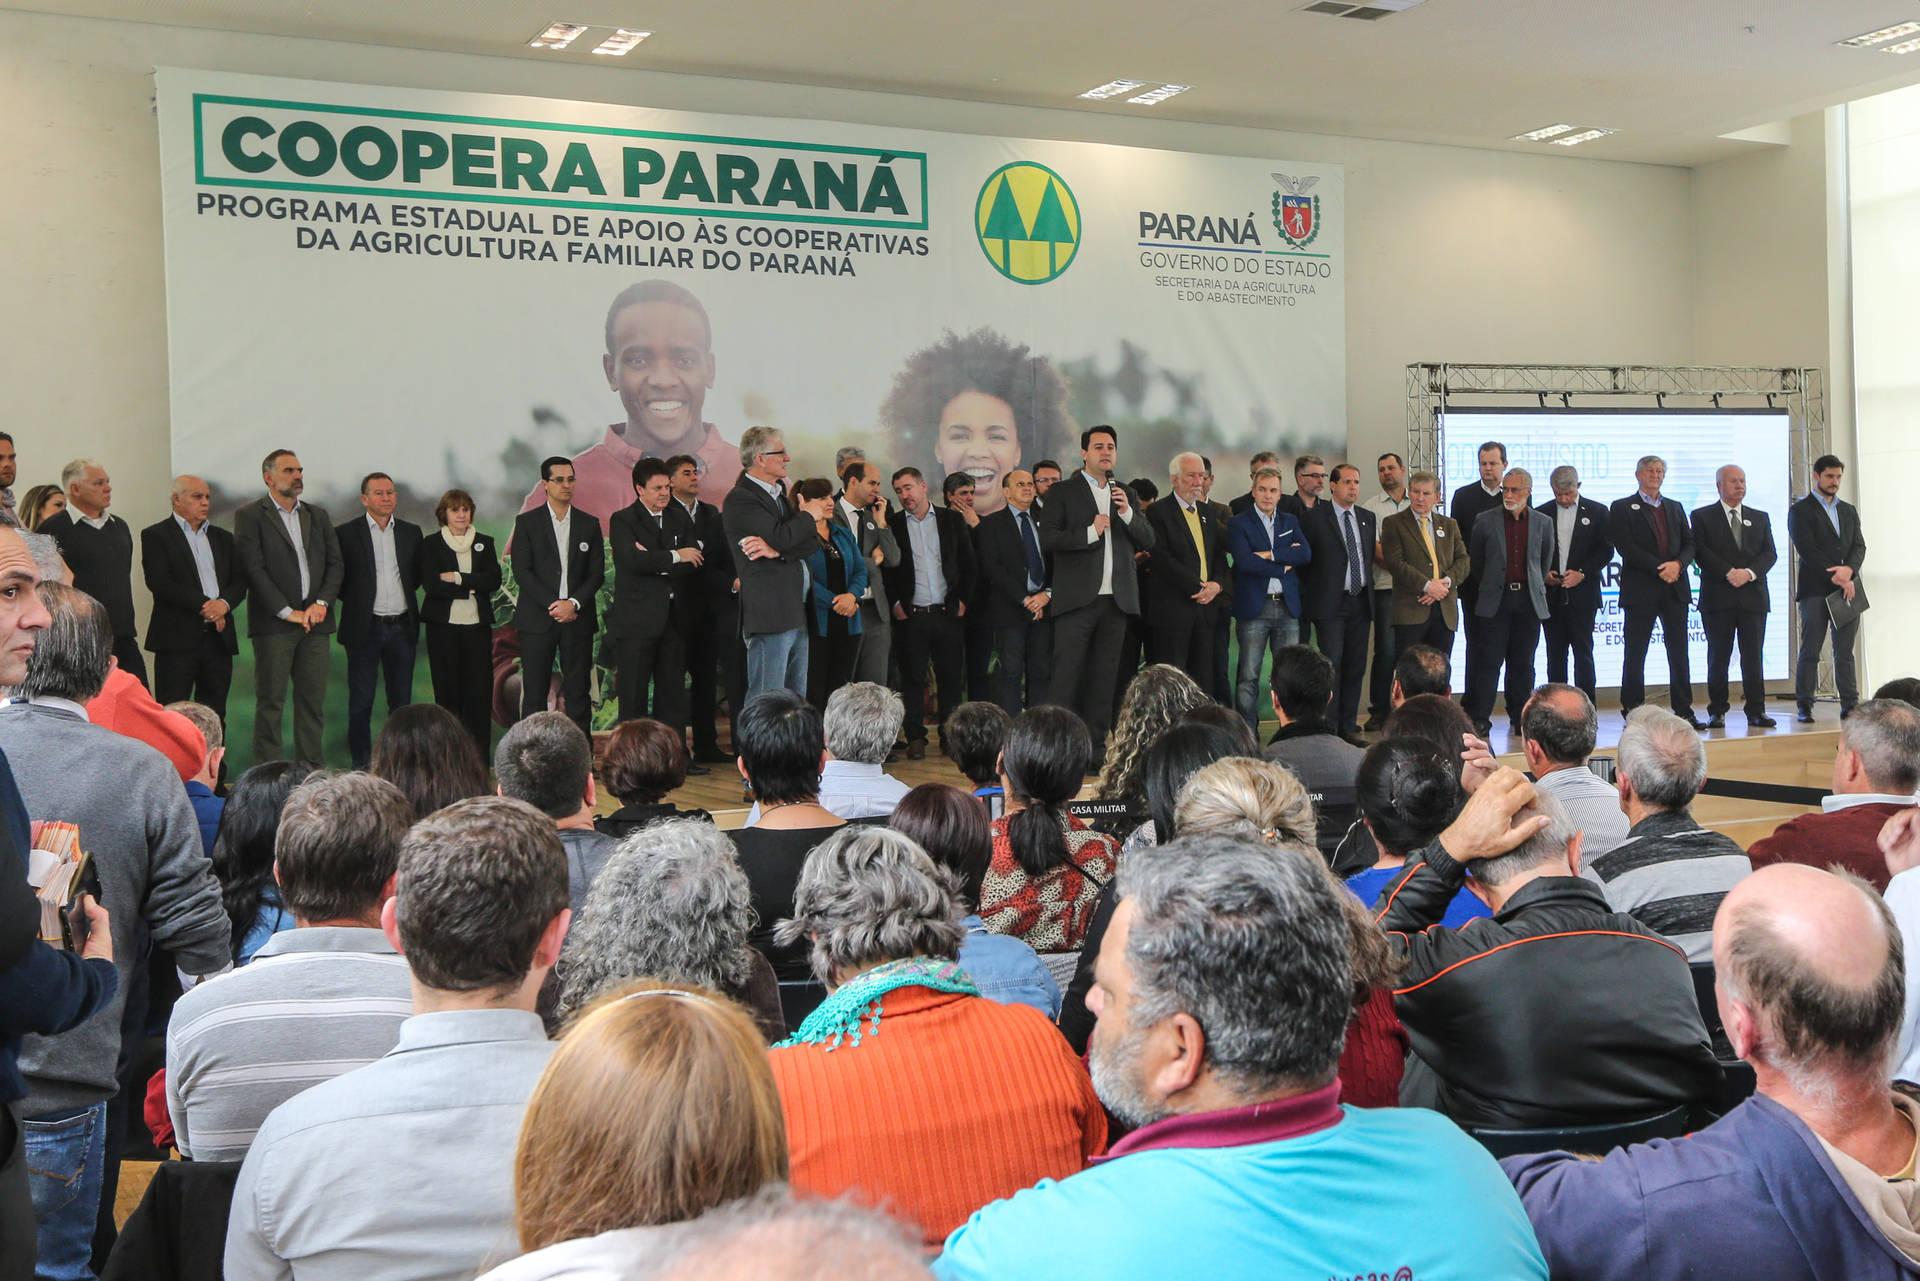 Estado reforça apoio ao cooperativismo da agricultura familiar